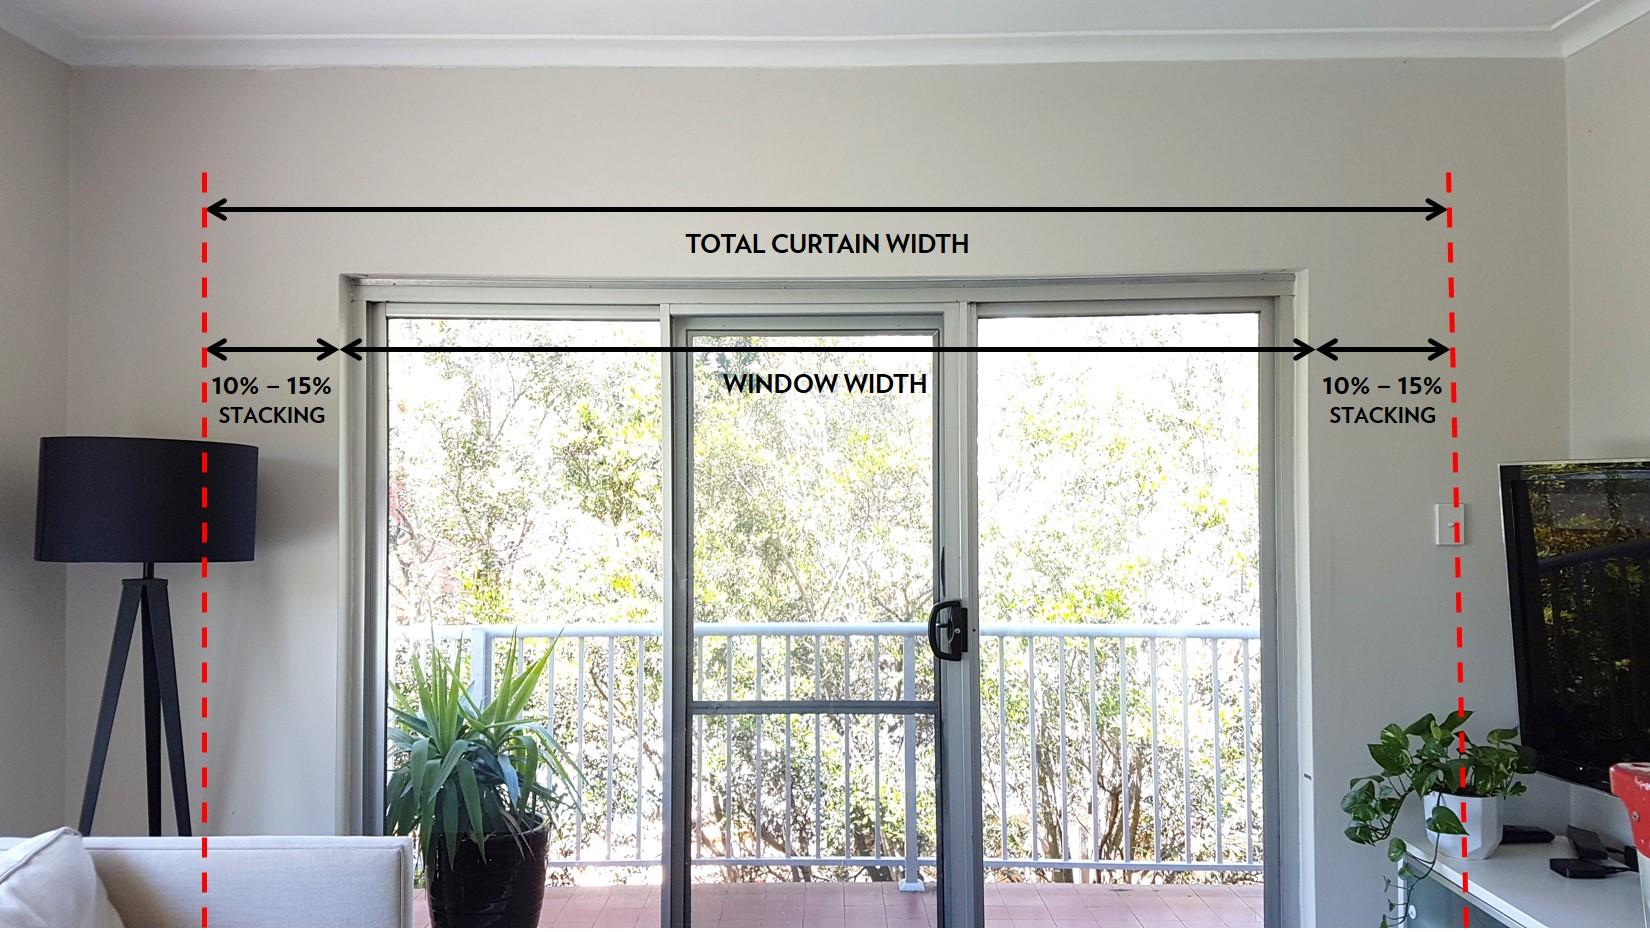 Curtain-width